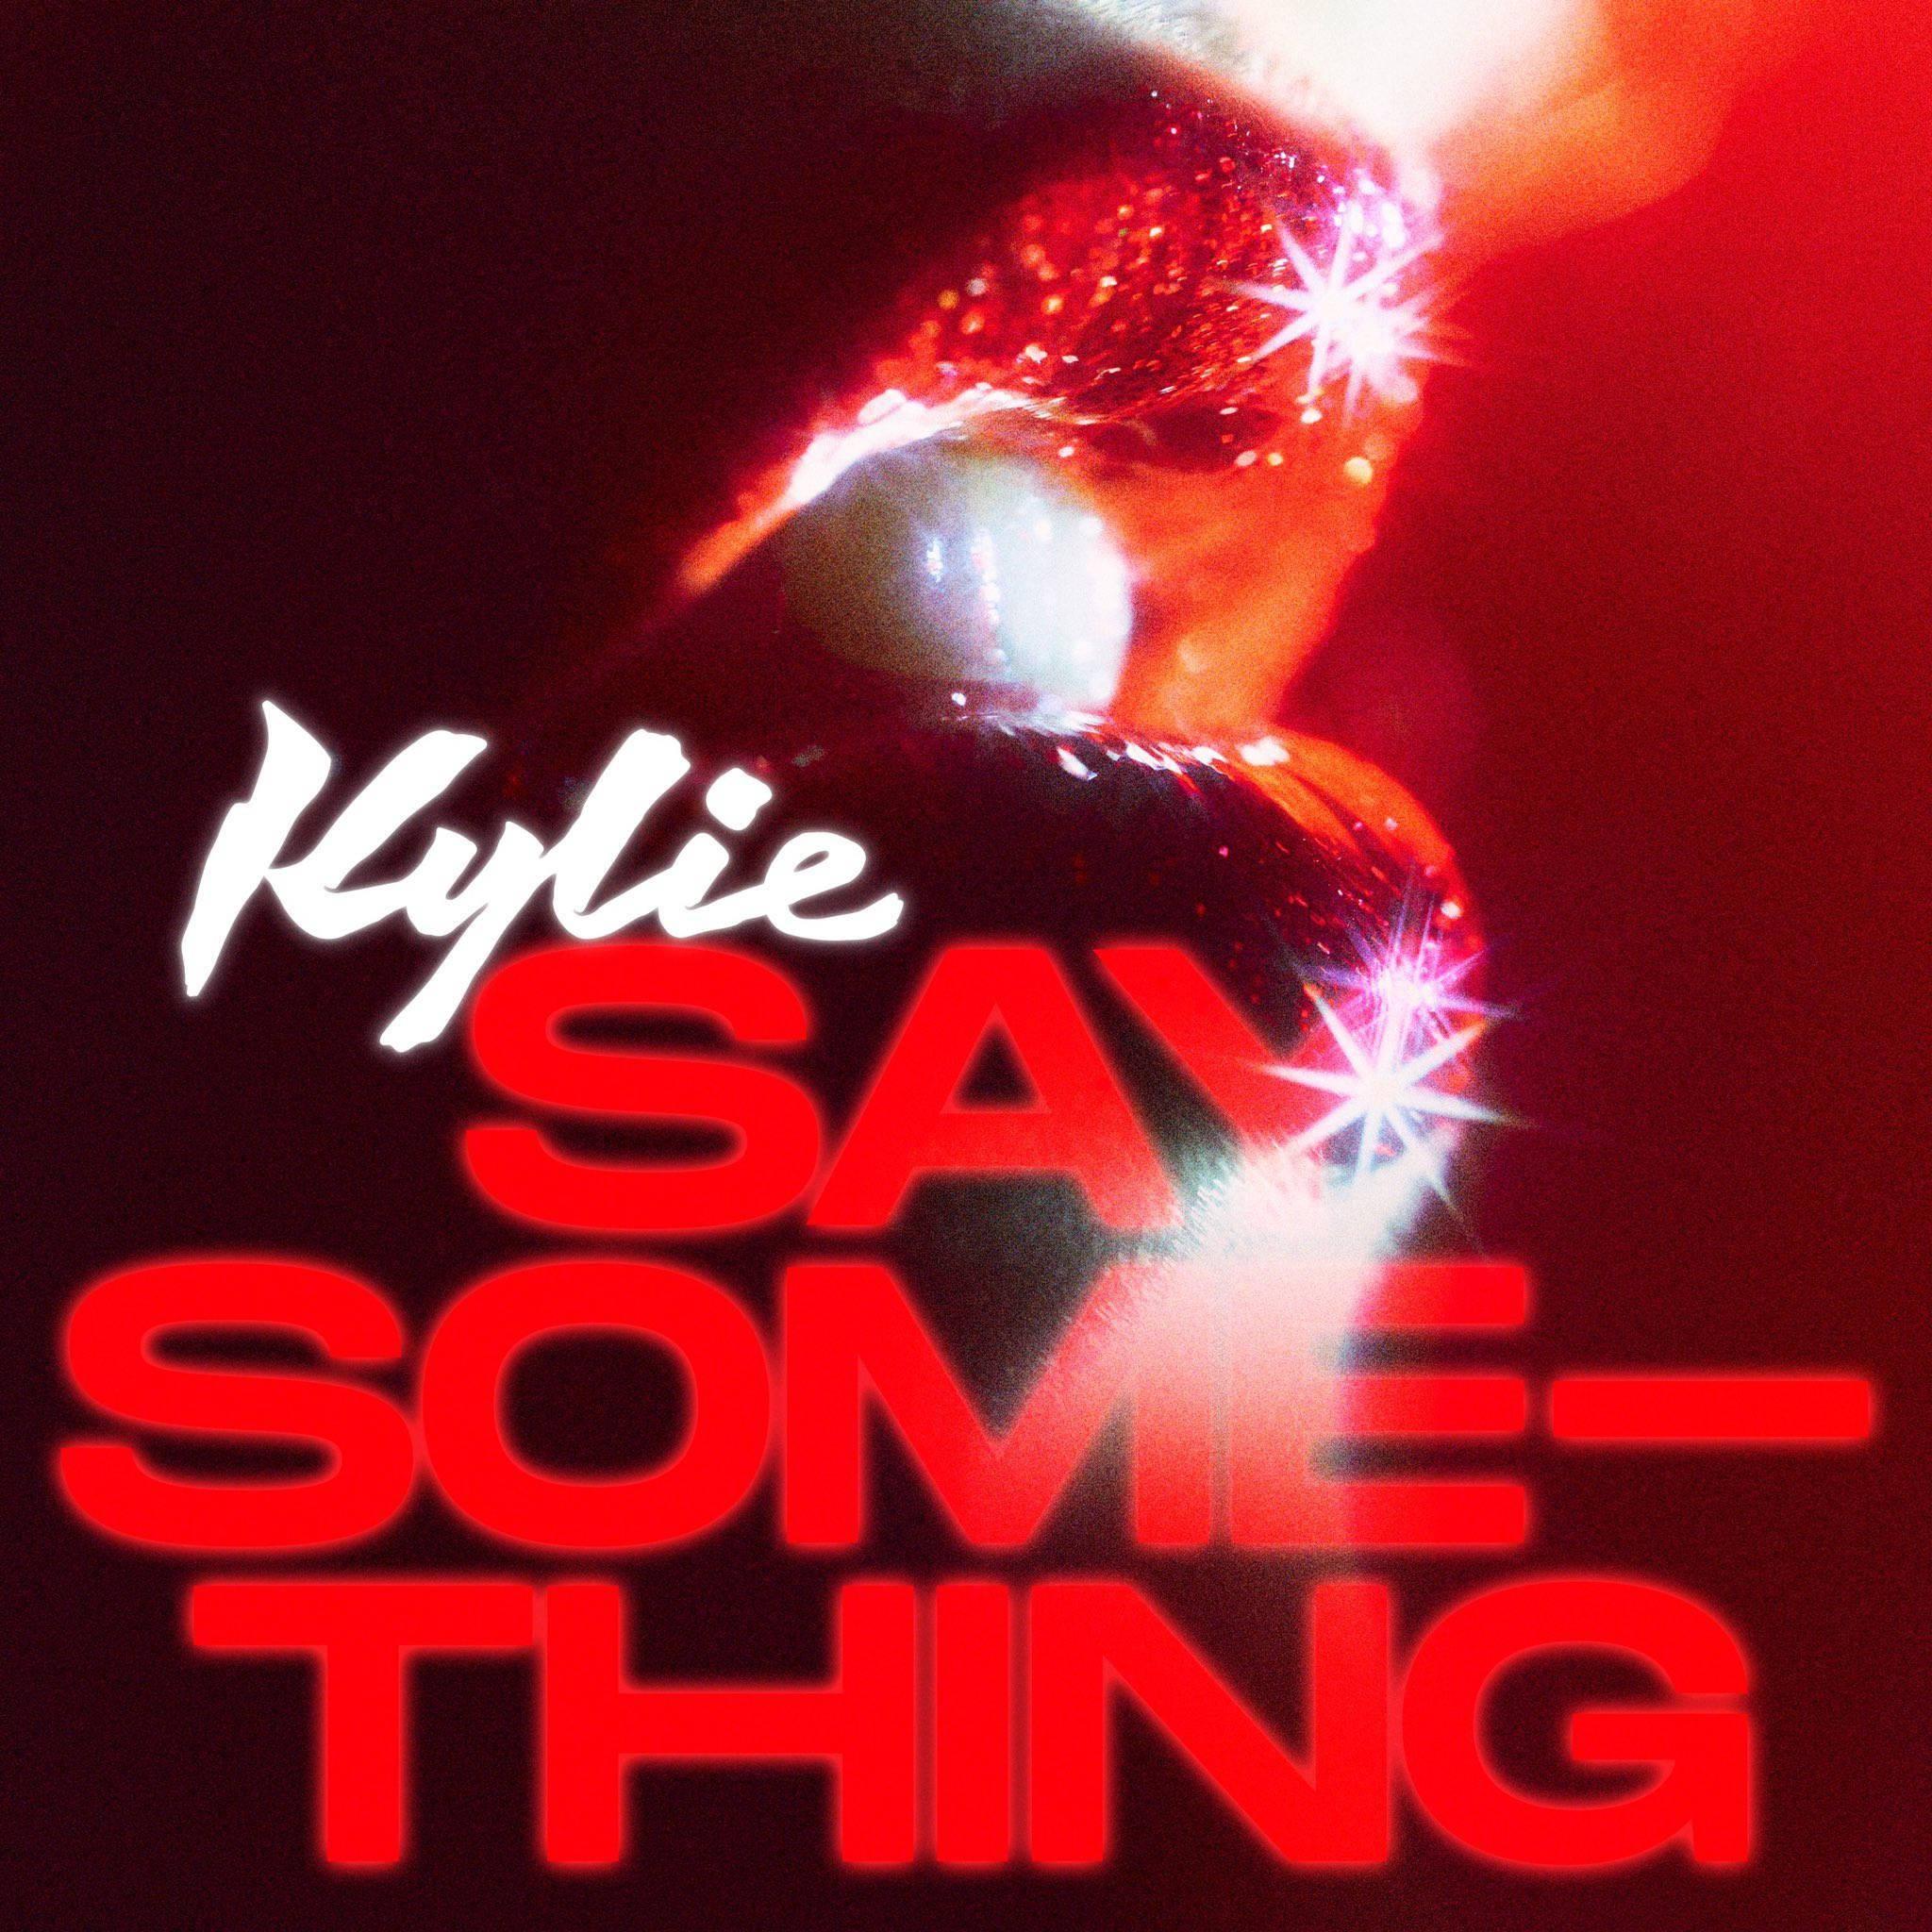 挊是什么意思凯莉·米洛11月发行新专辑,